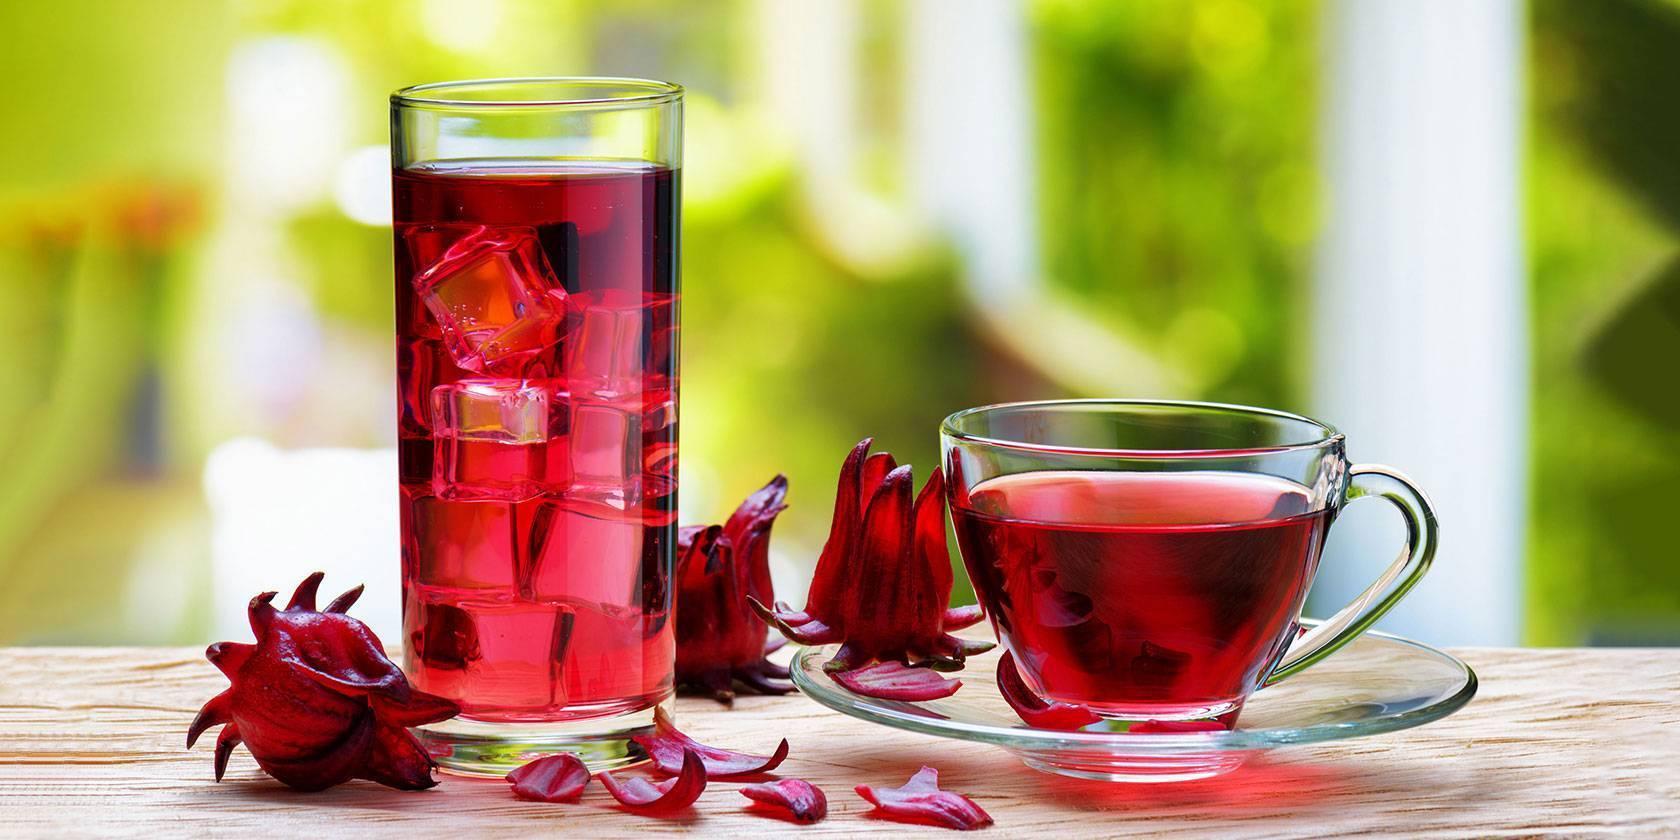 Чай каркаде для похудения – уловка продавцов чая. благотворное действие каркаде на организм человека